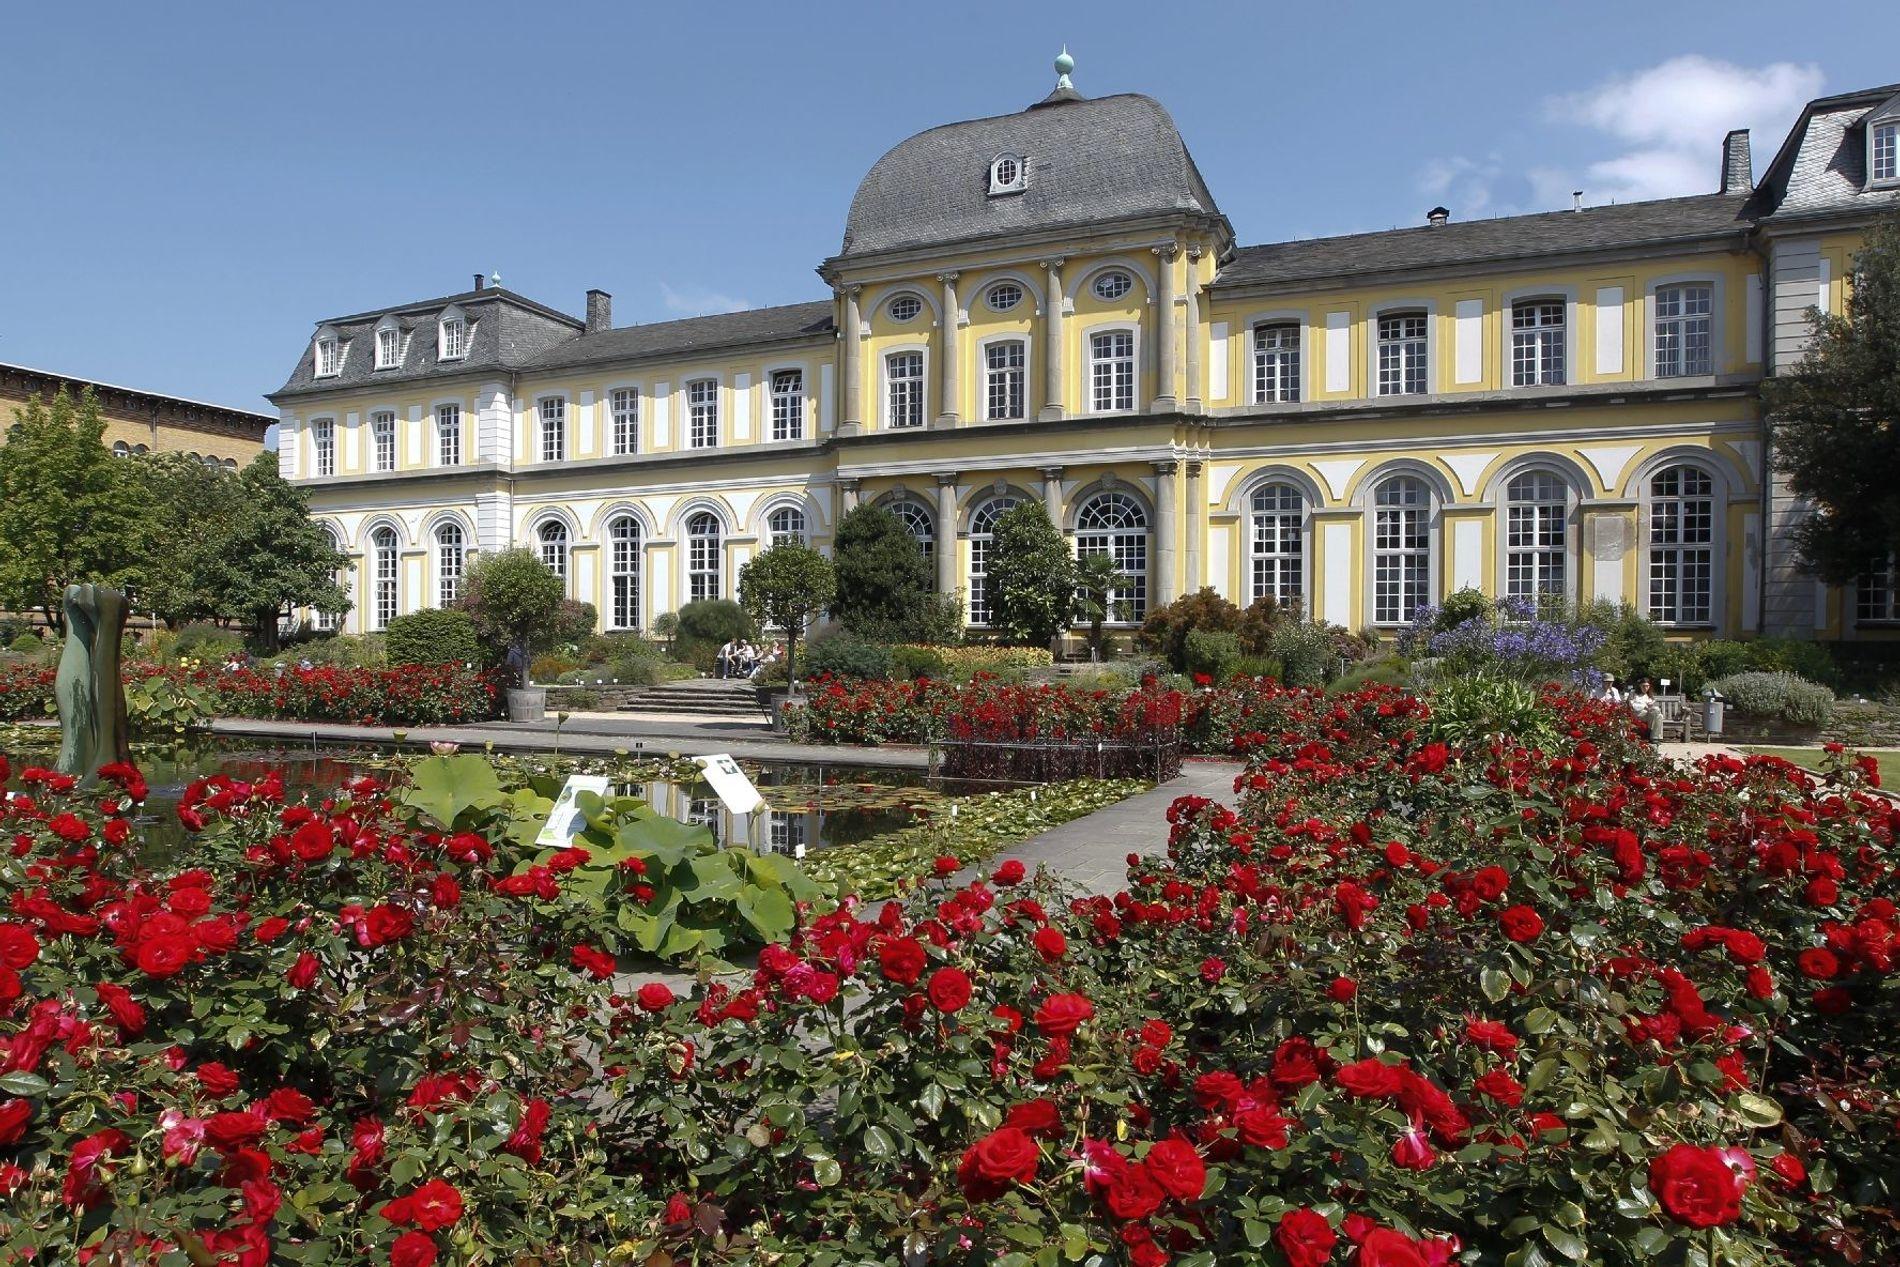 Blütenpracht im Botanischen Garten am Poppelsdorfer Schloss. Im Schlossinneren befindet sich eine Mineraliensammlung.